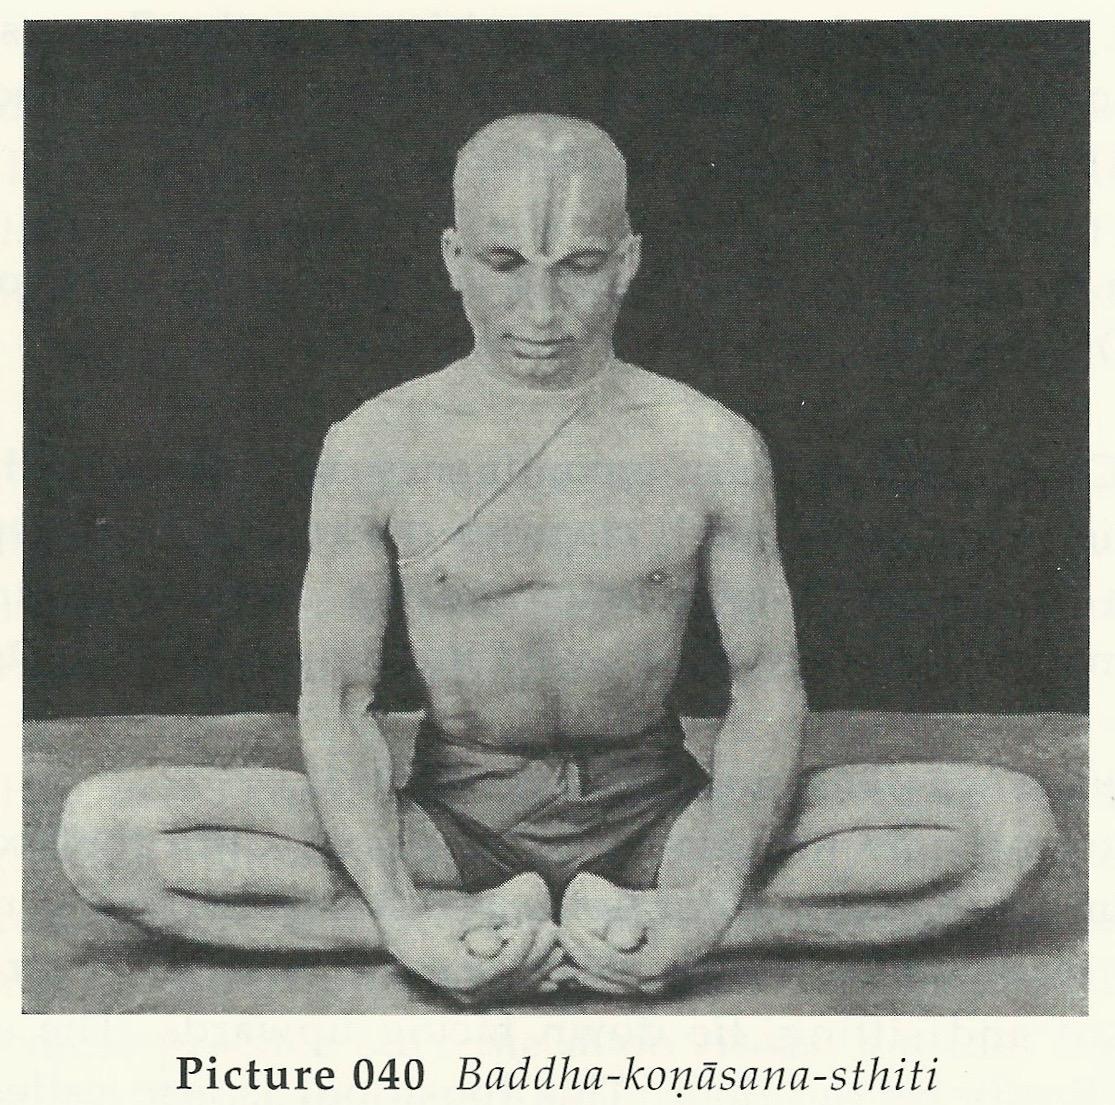 krishnamacharya baddha konasana.jpg